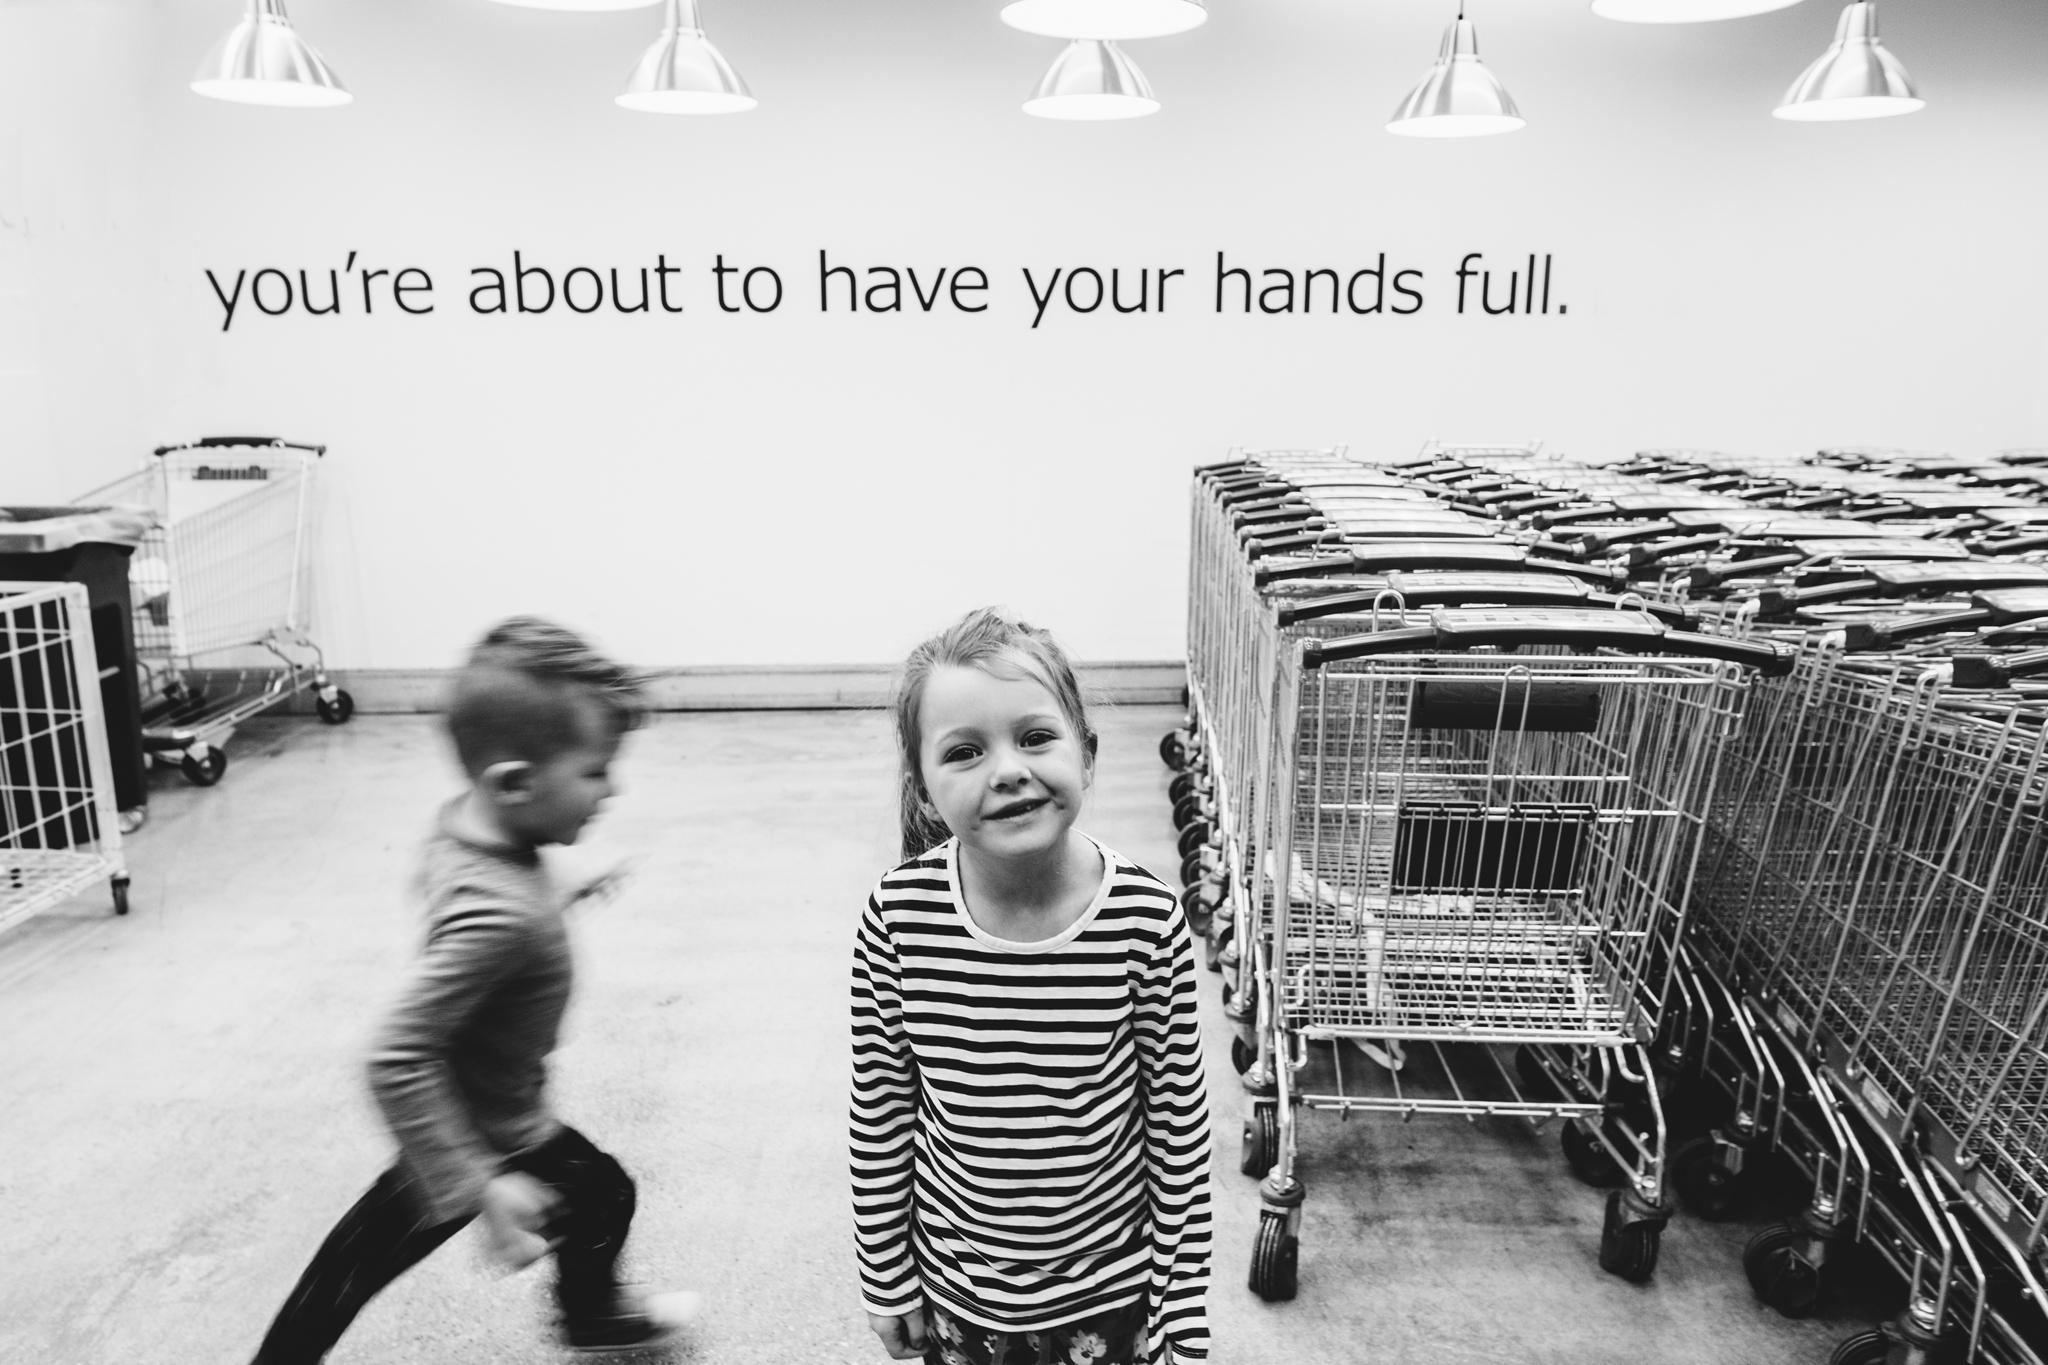 Bennett and Atticus ikea shopping cart hands full-1.jpg